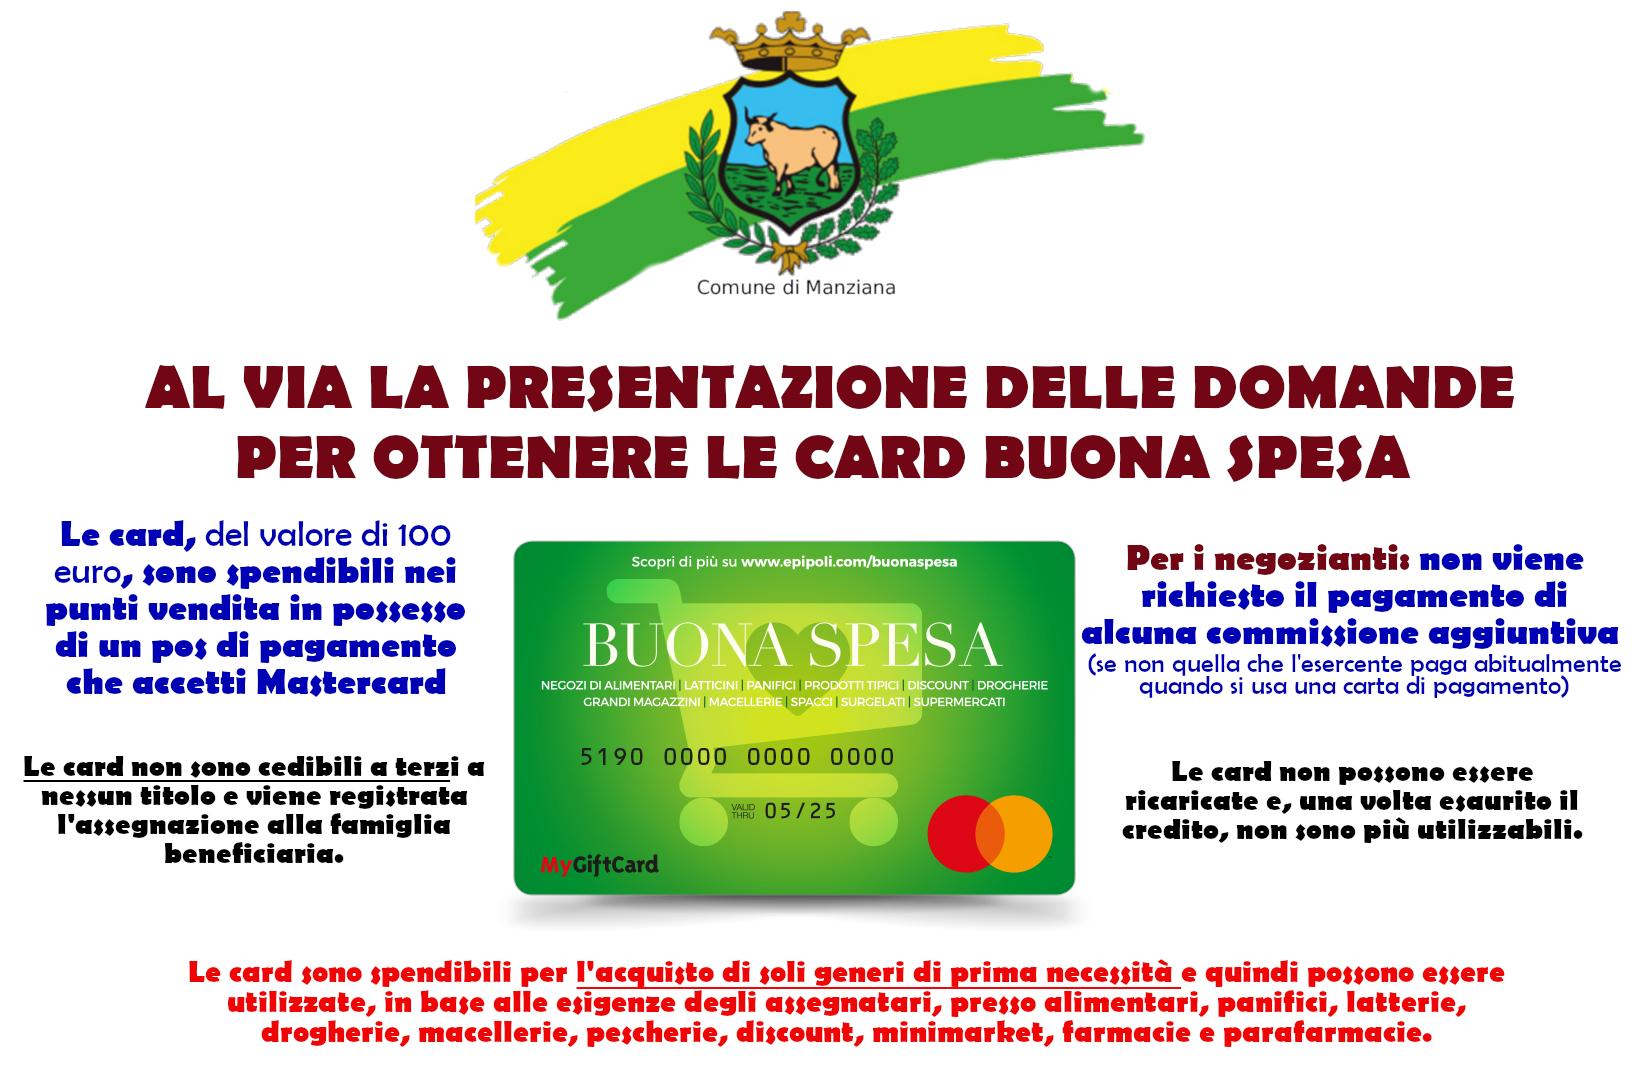 AL VIA LA PRESENTAZIONE DELLE DOMANDE PER OTTENERE LE CARD ...